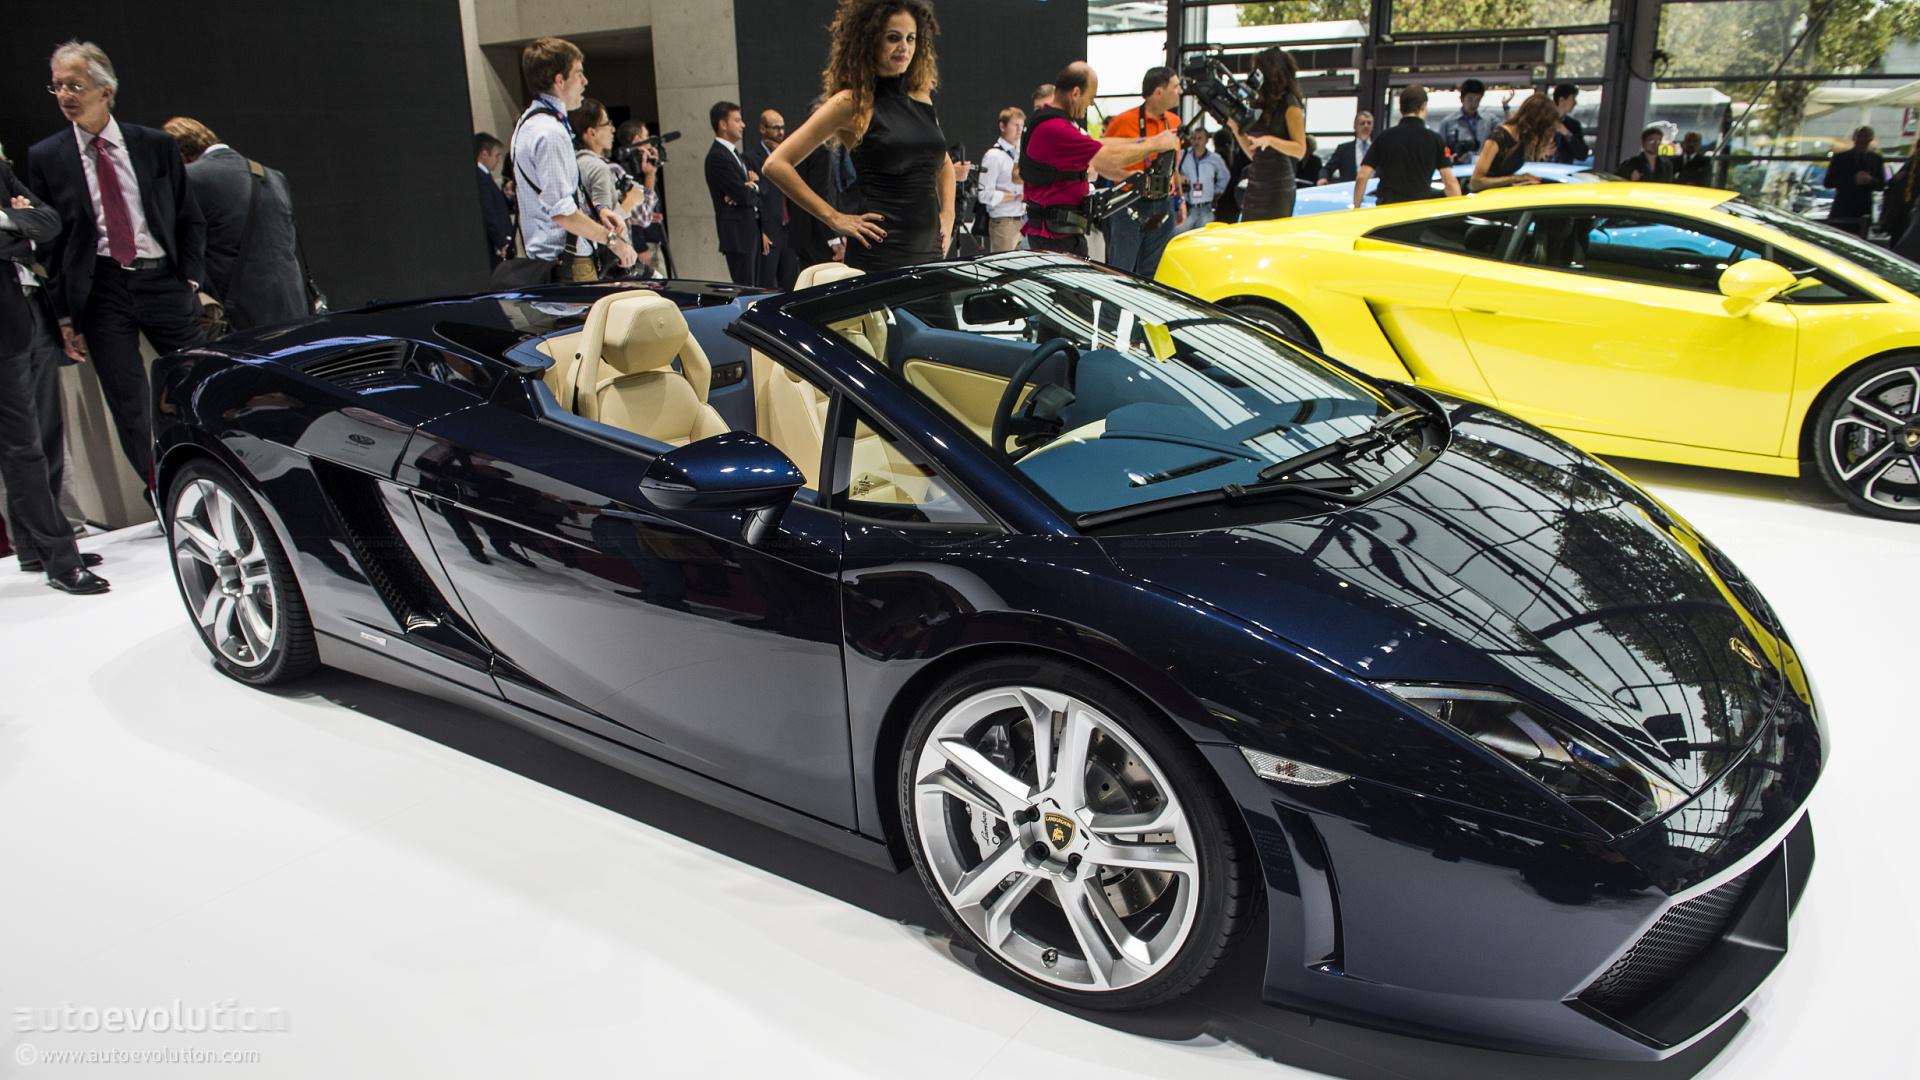 paris 2012 gallardo lp550 2 spyder live photos autoevolution - Lamborghini Gallardo Spyder Black 2013